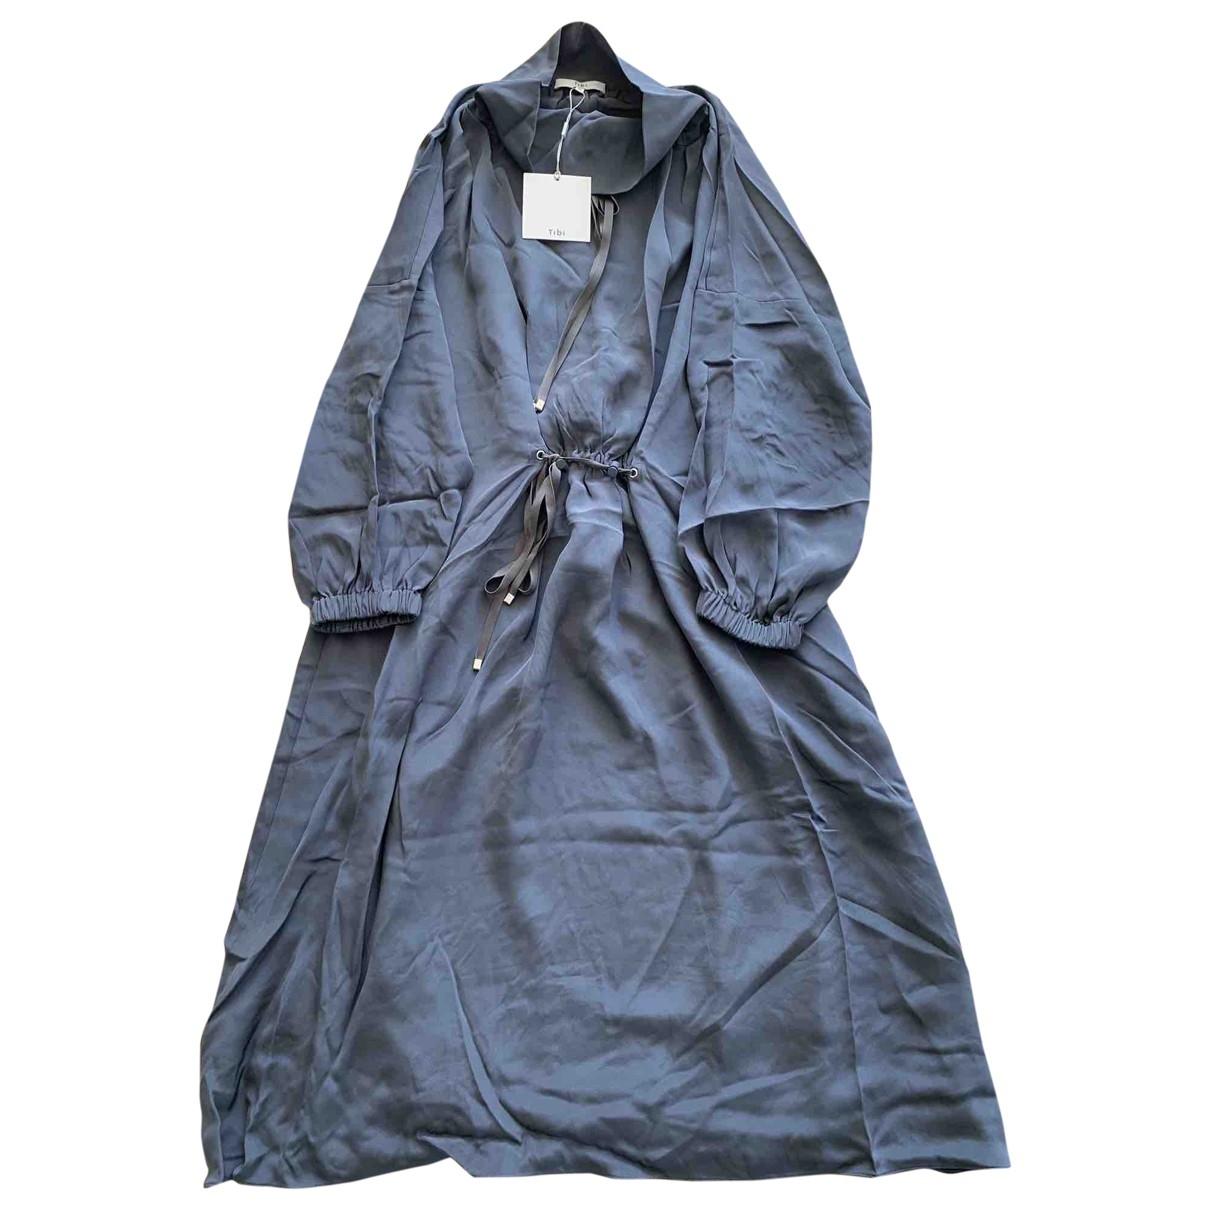 Tibi - Robe   pour femme en soie - anthracite